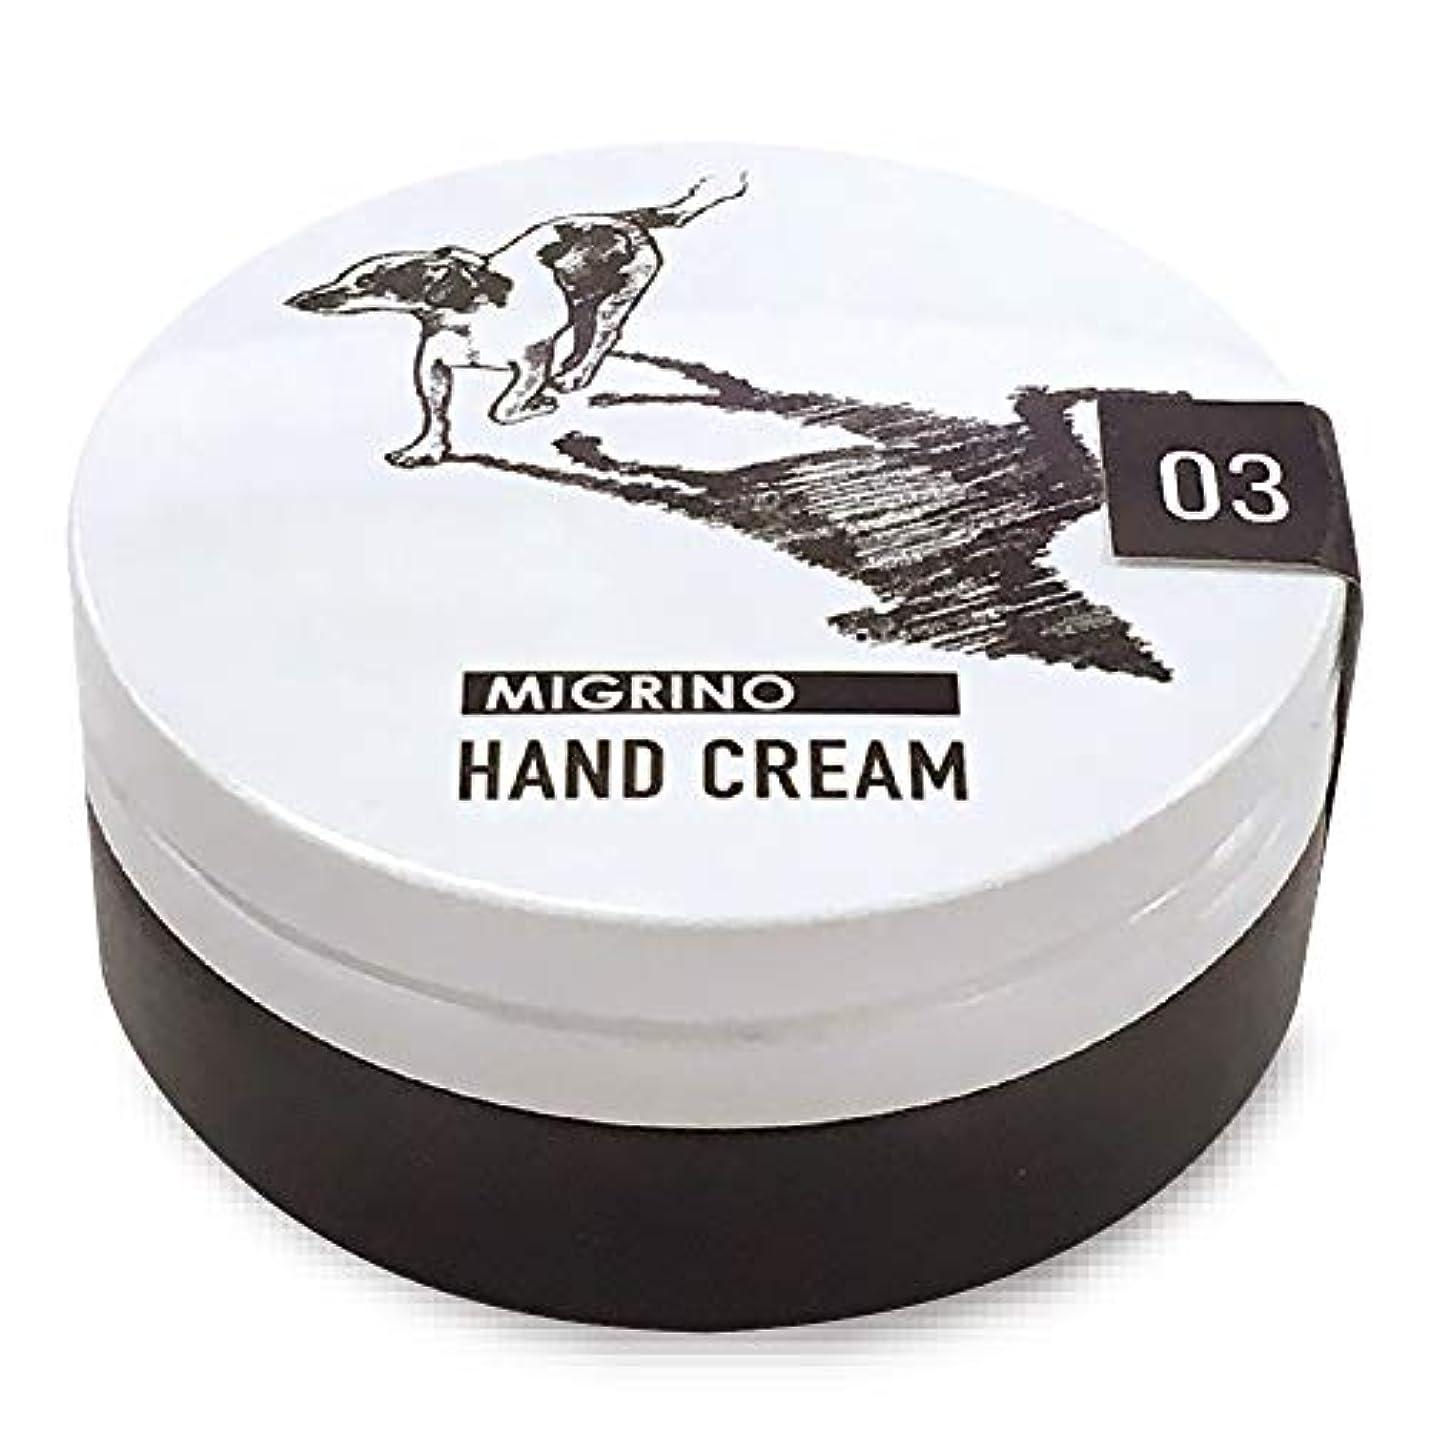 飲食店出発するどれノルコーポレーション ハンドクリーム PADROL 保湿成分配合 日本製 ベルガモットの香り 60g PAD-9-03